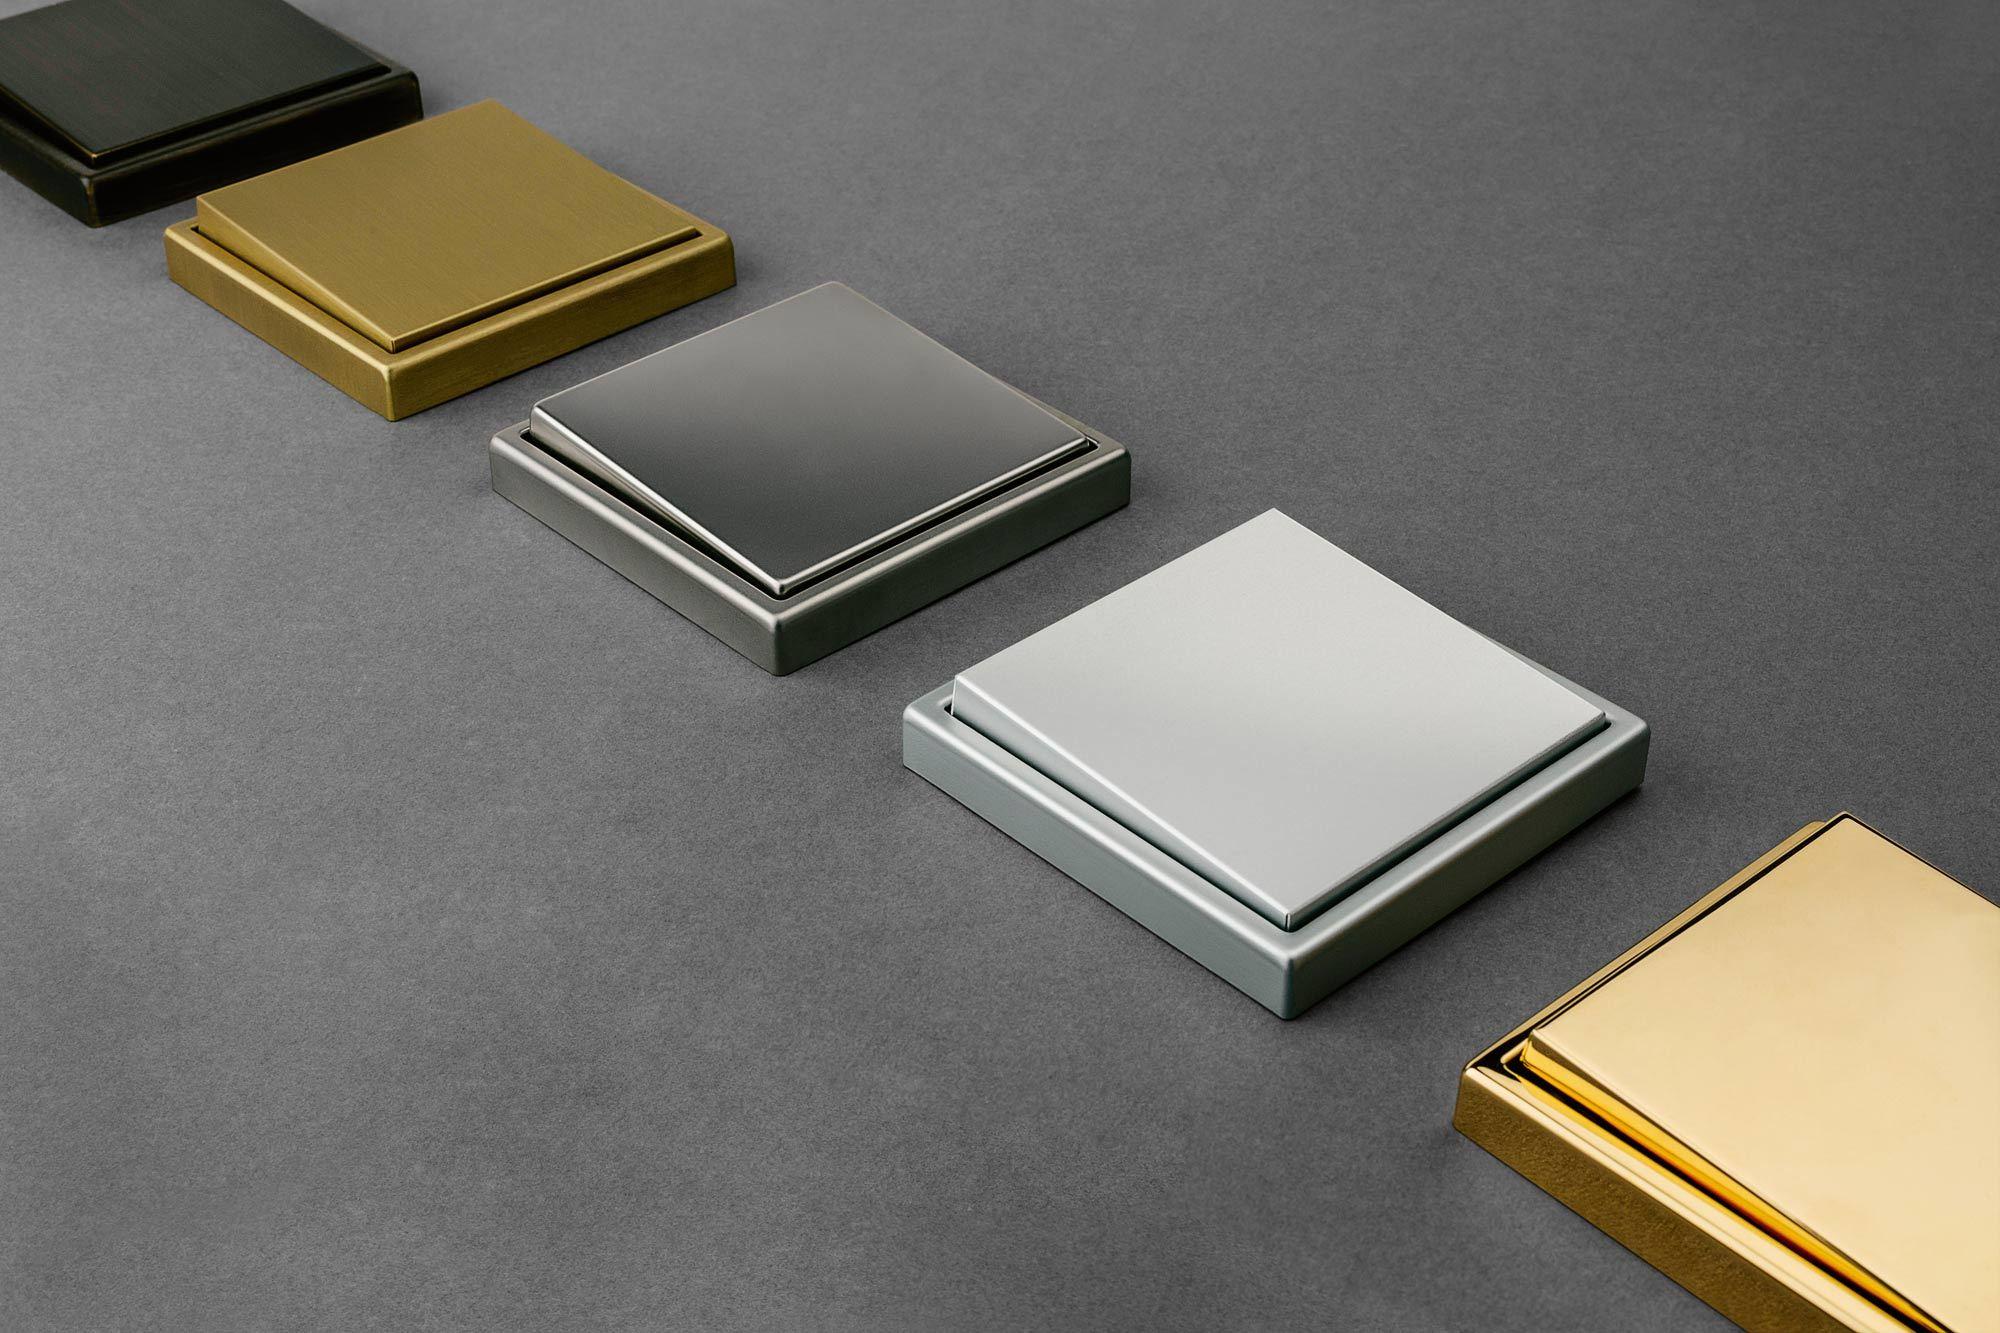 LS 990-Gold- und Silberprogramm